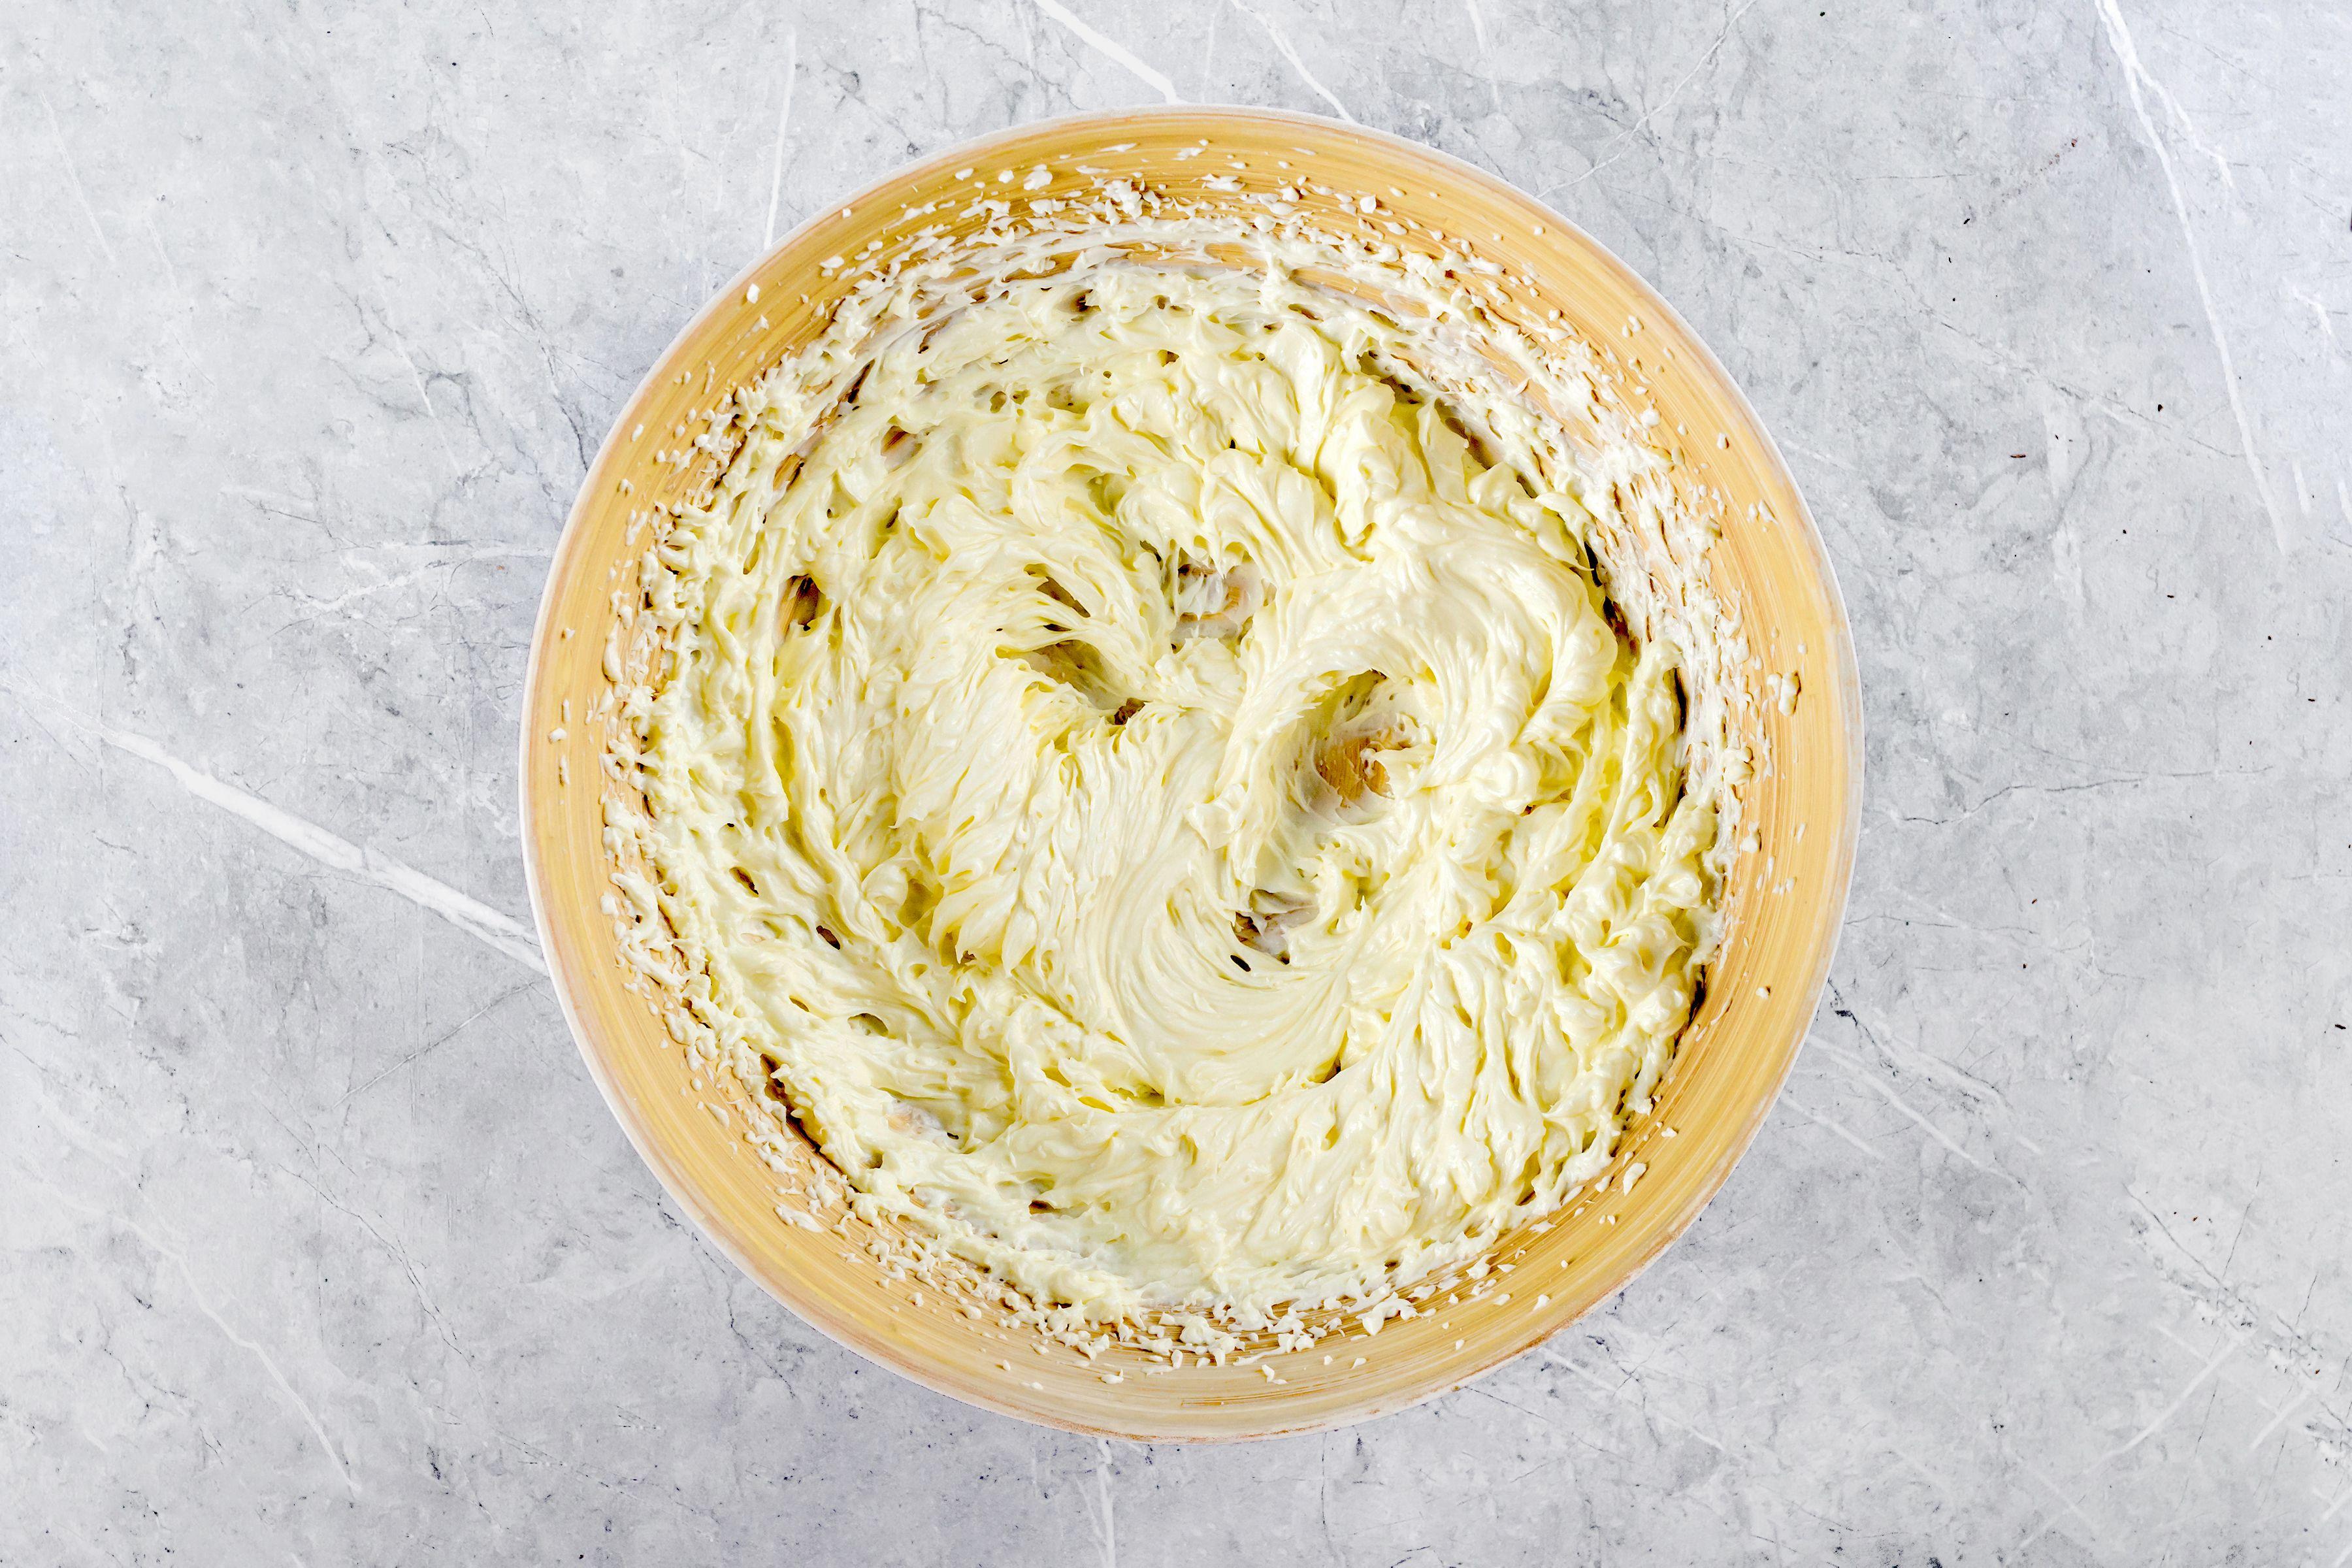 Beat cream cheese